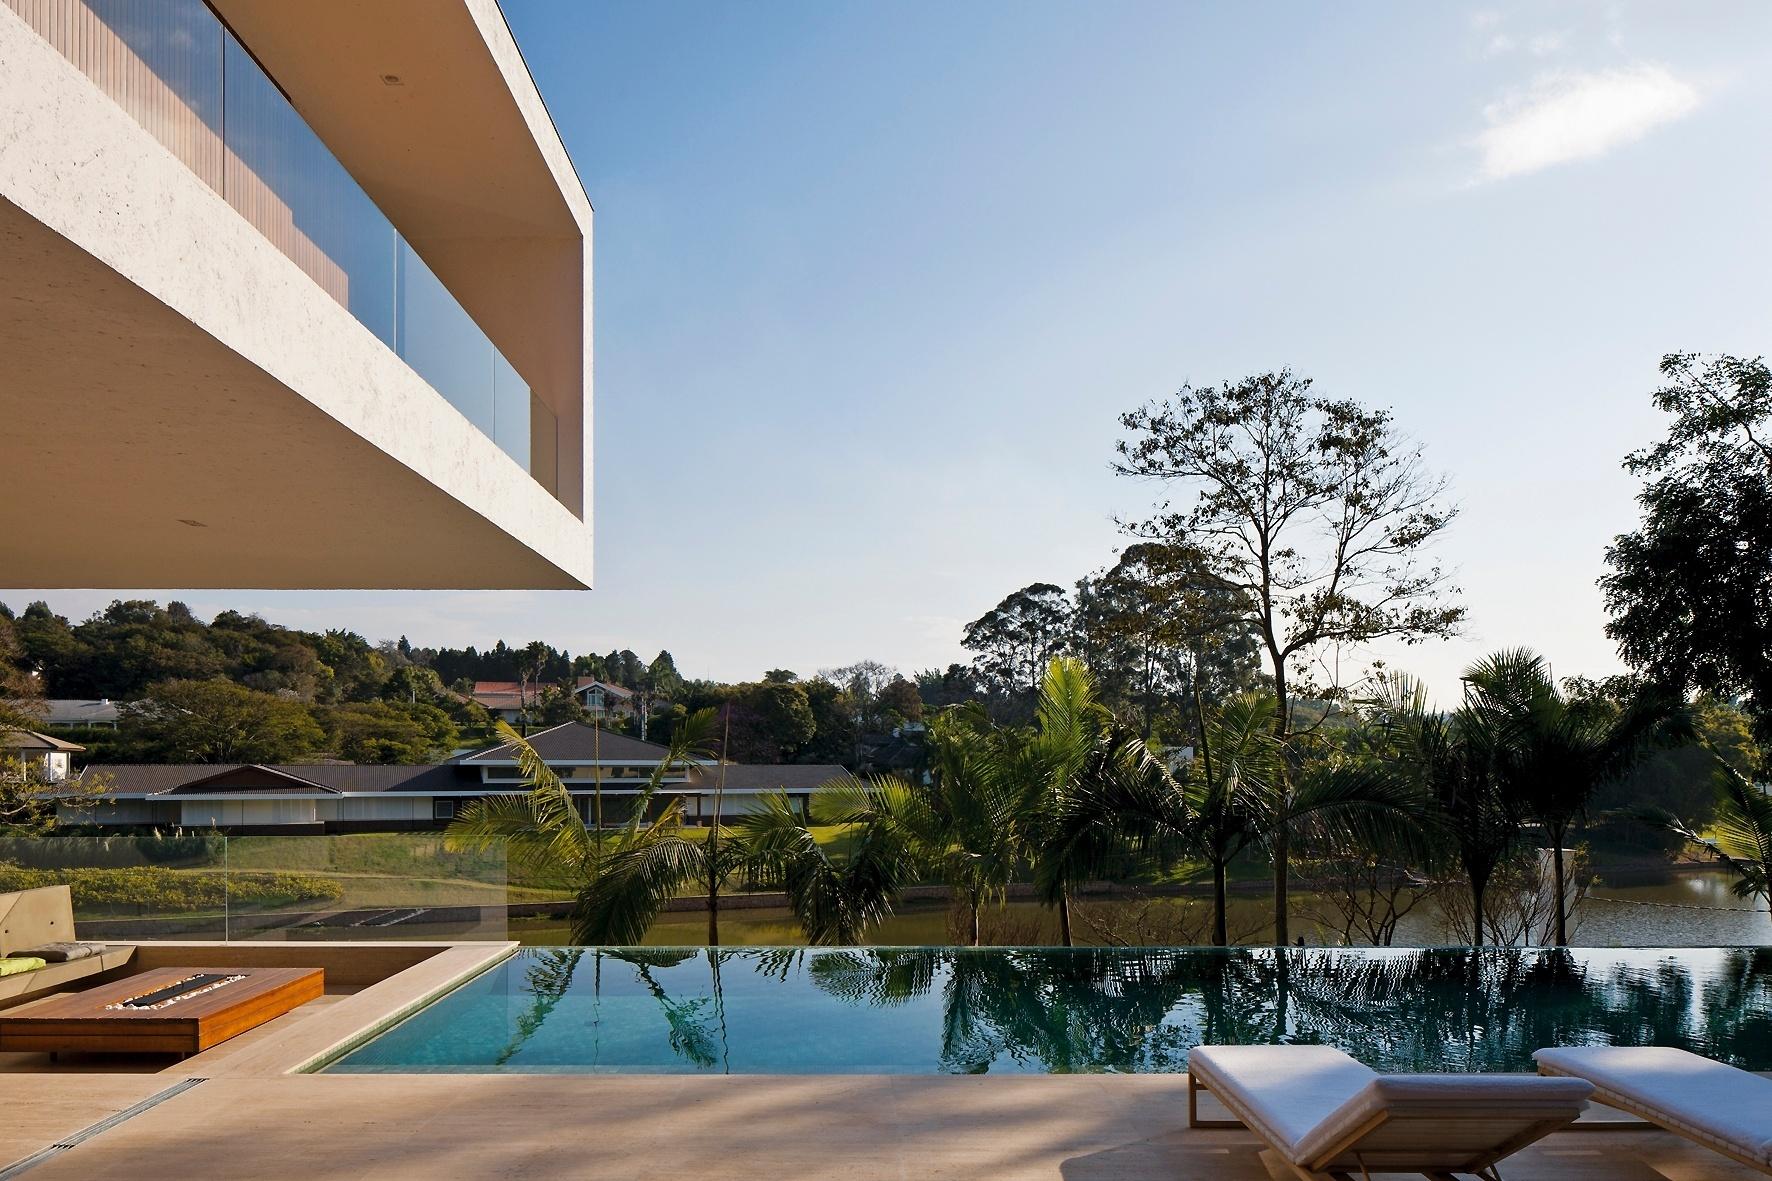 Confira curiosidades e projetos de decoração de piscinas BOL Fotos  #3D668E 1772x1181 Arquitetura Banheiros Sp